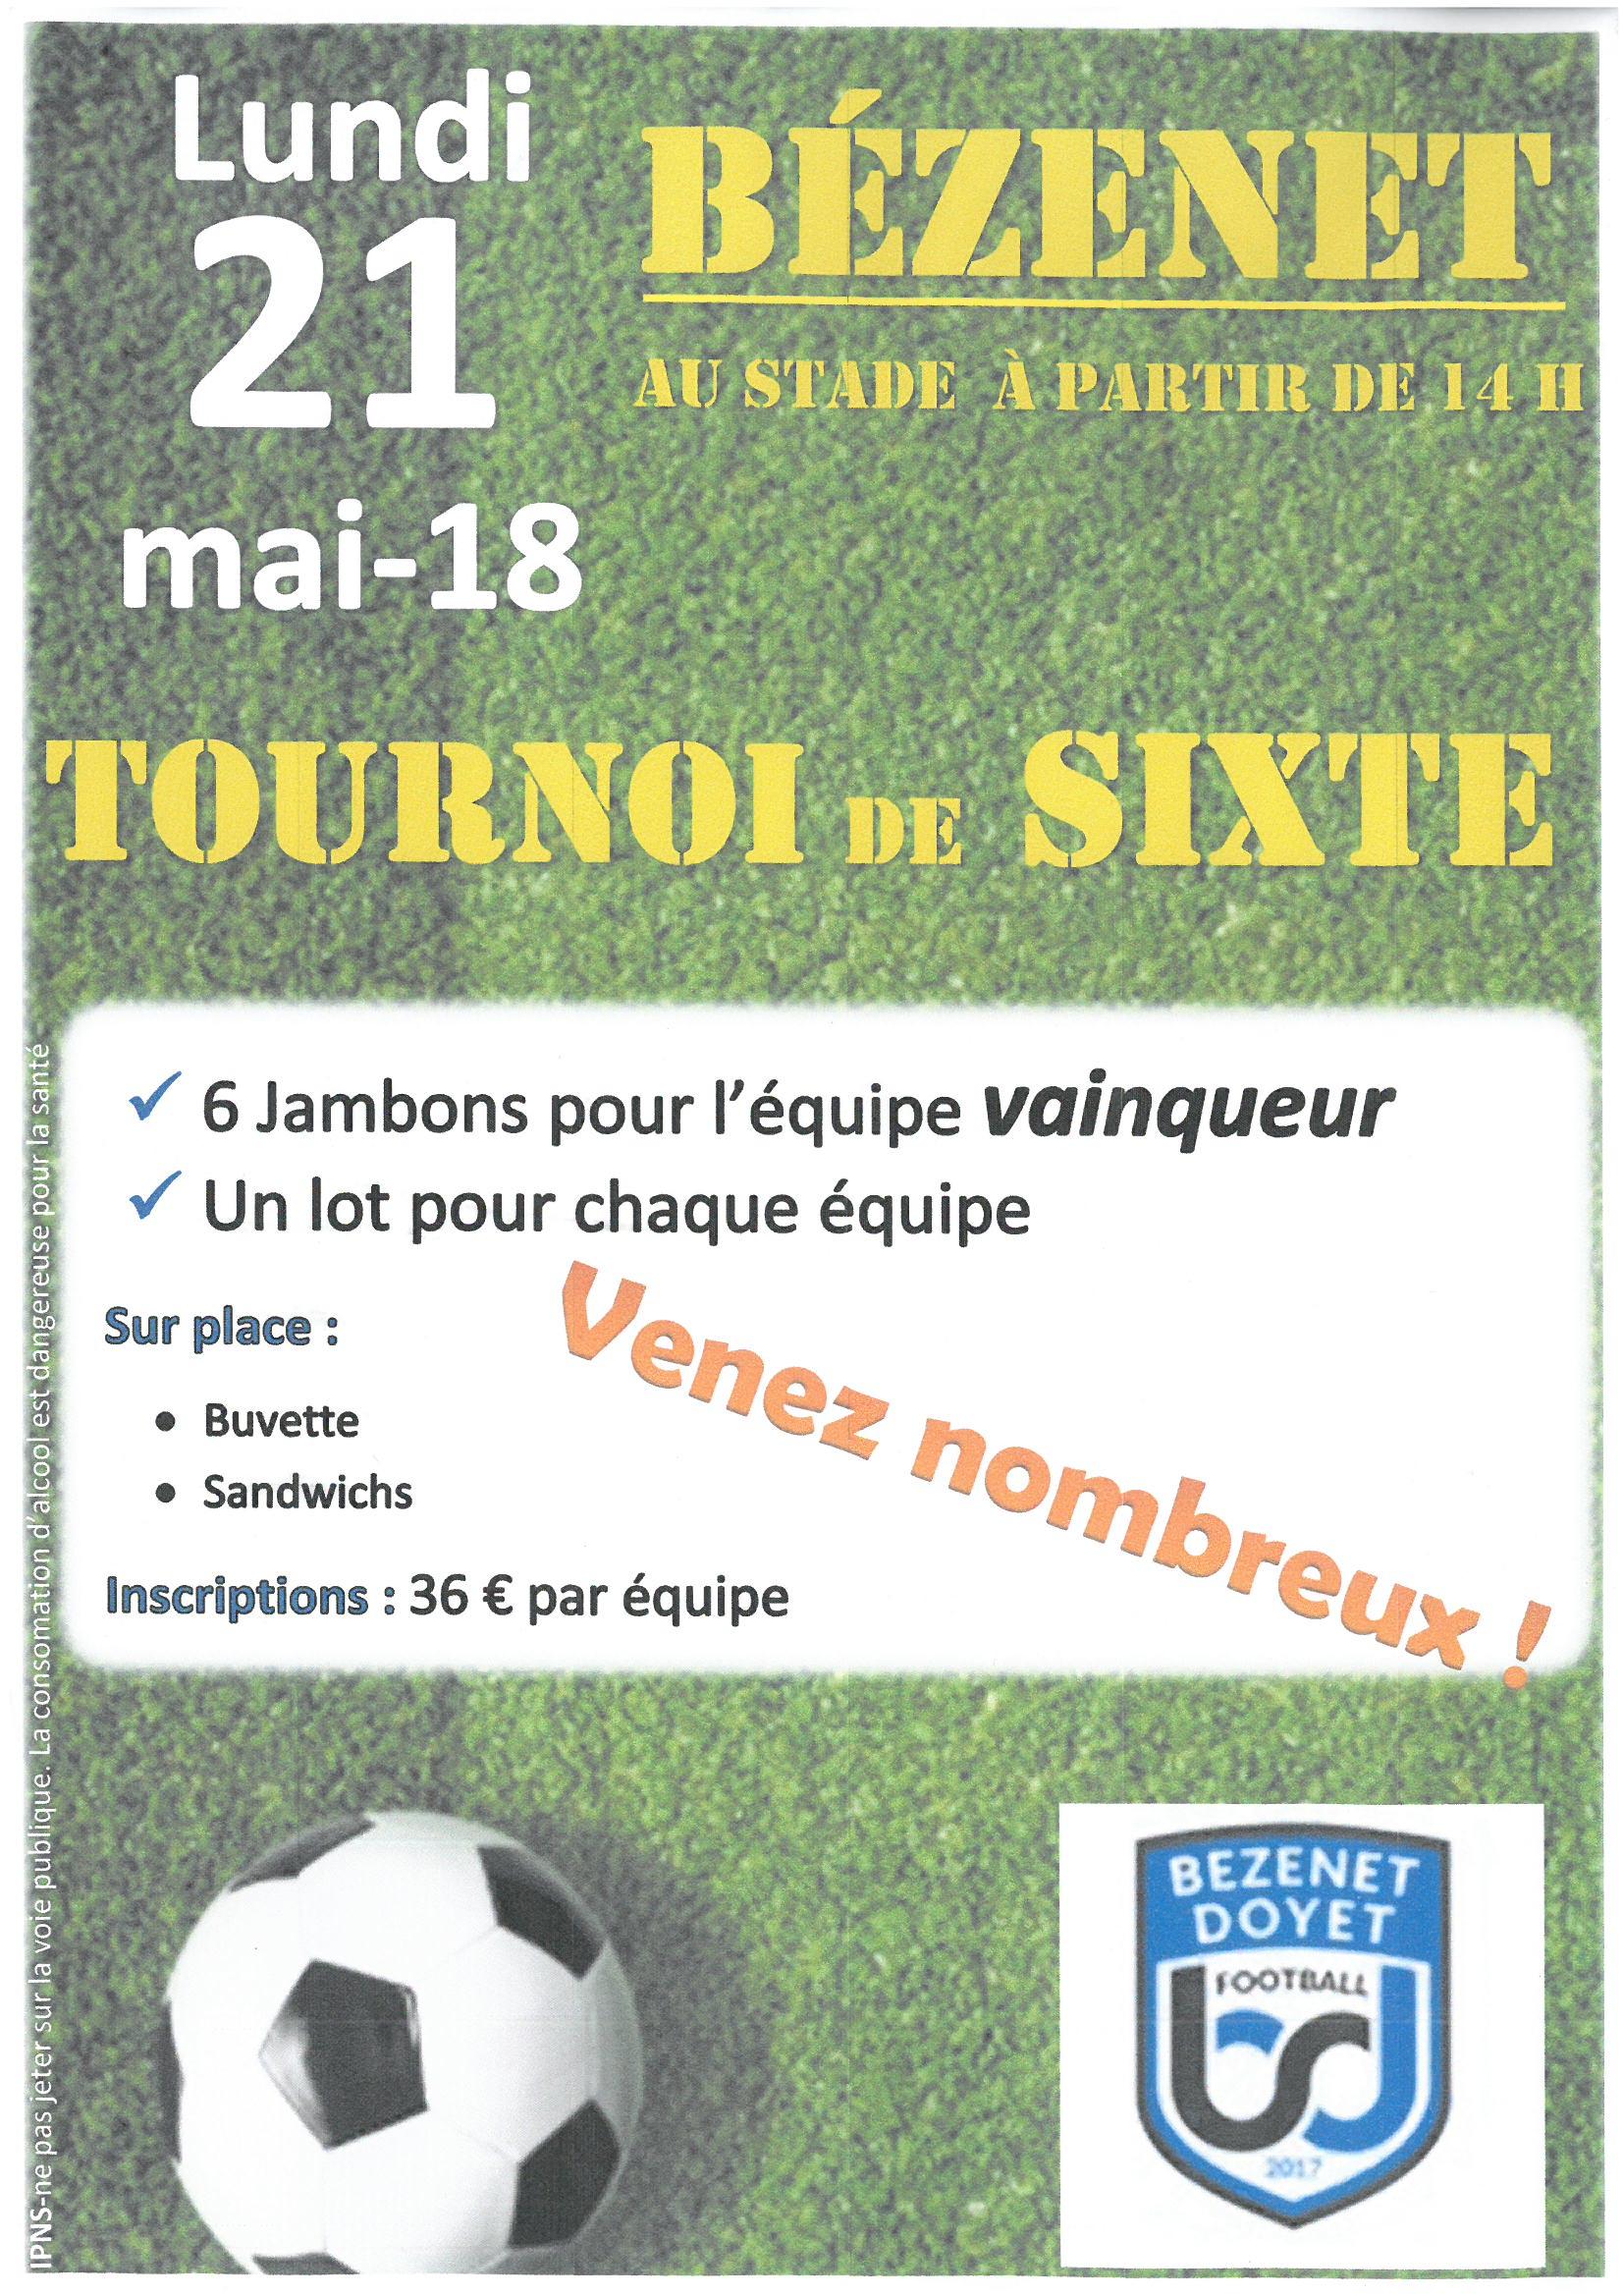 BDF_tournoi_sixte_2018.jpg